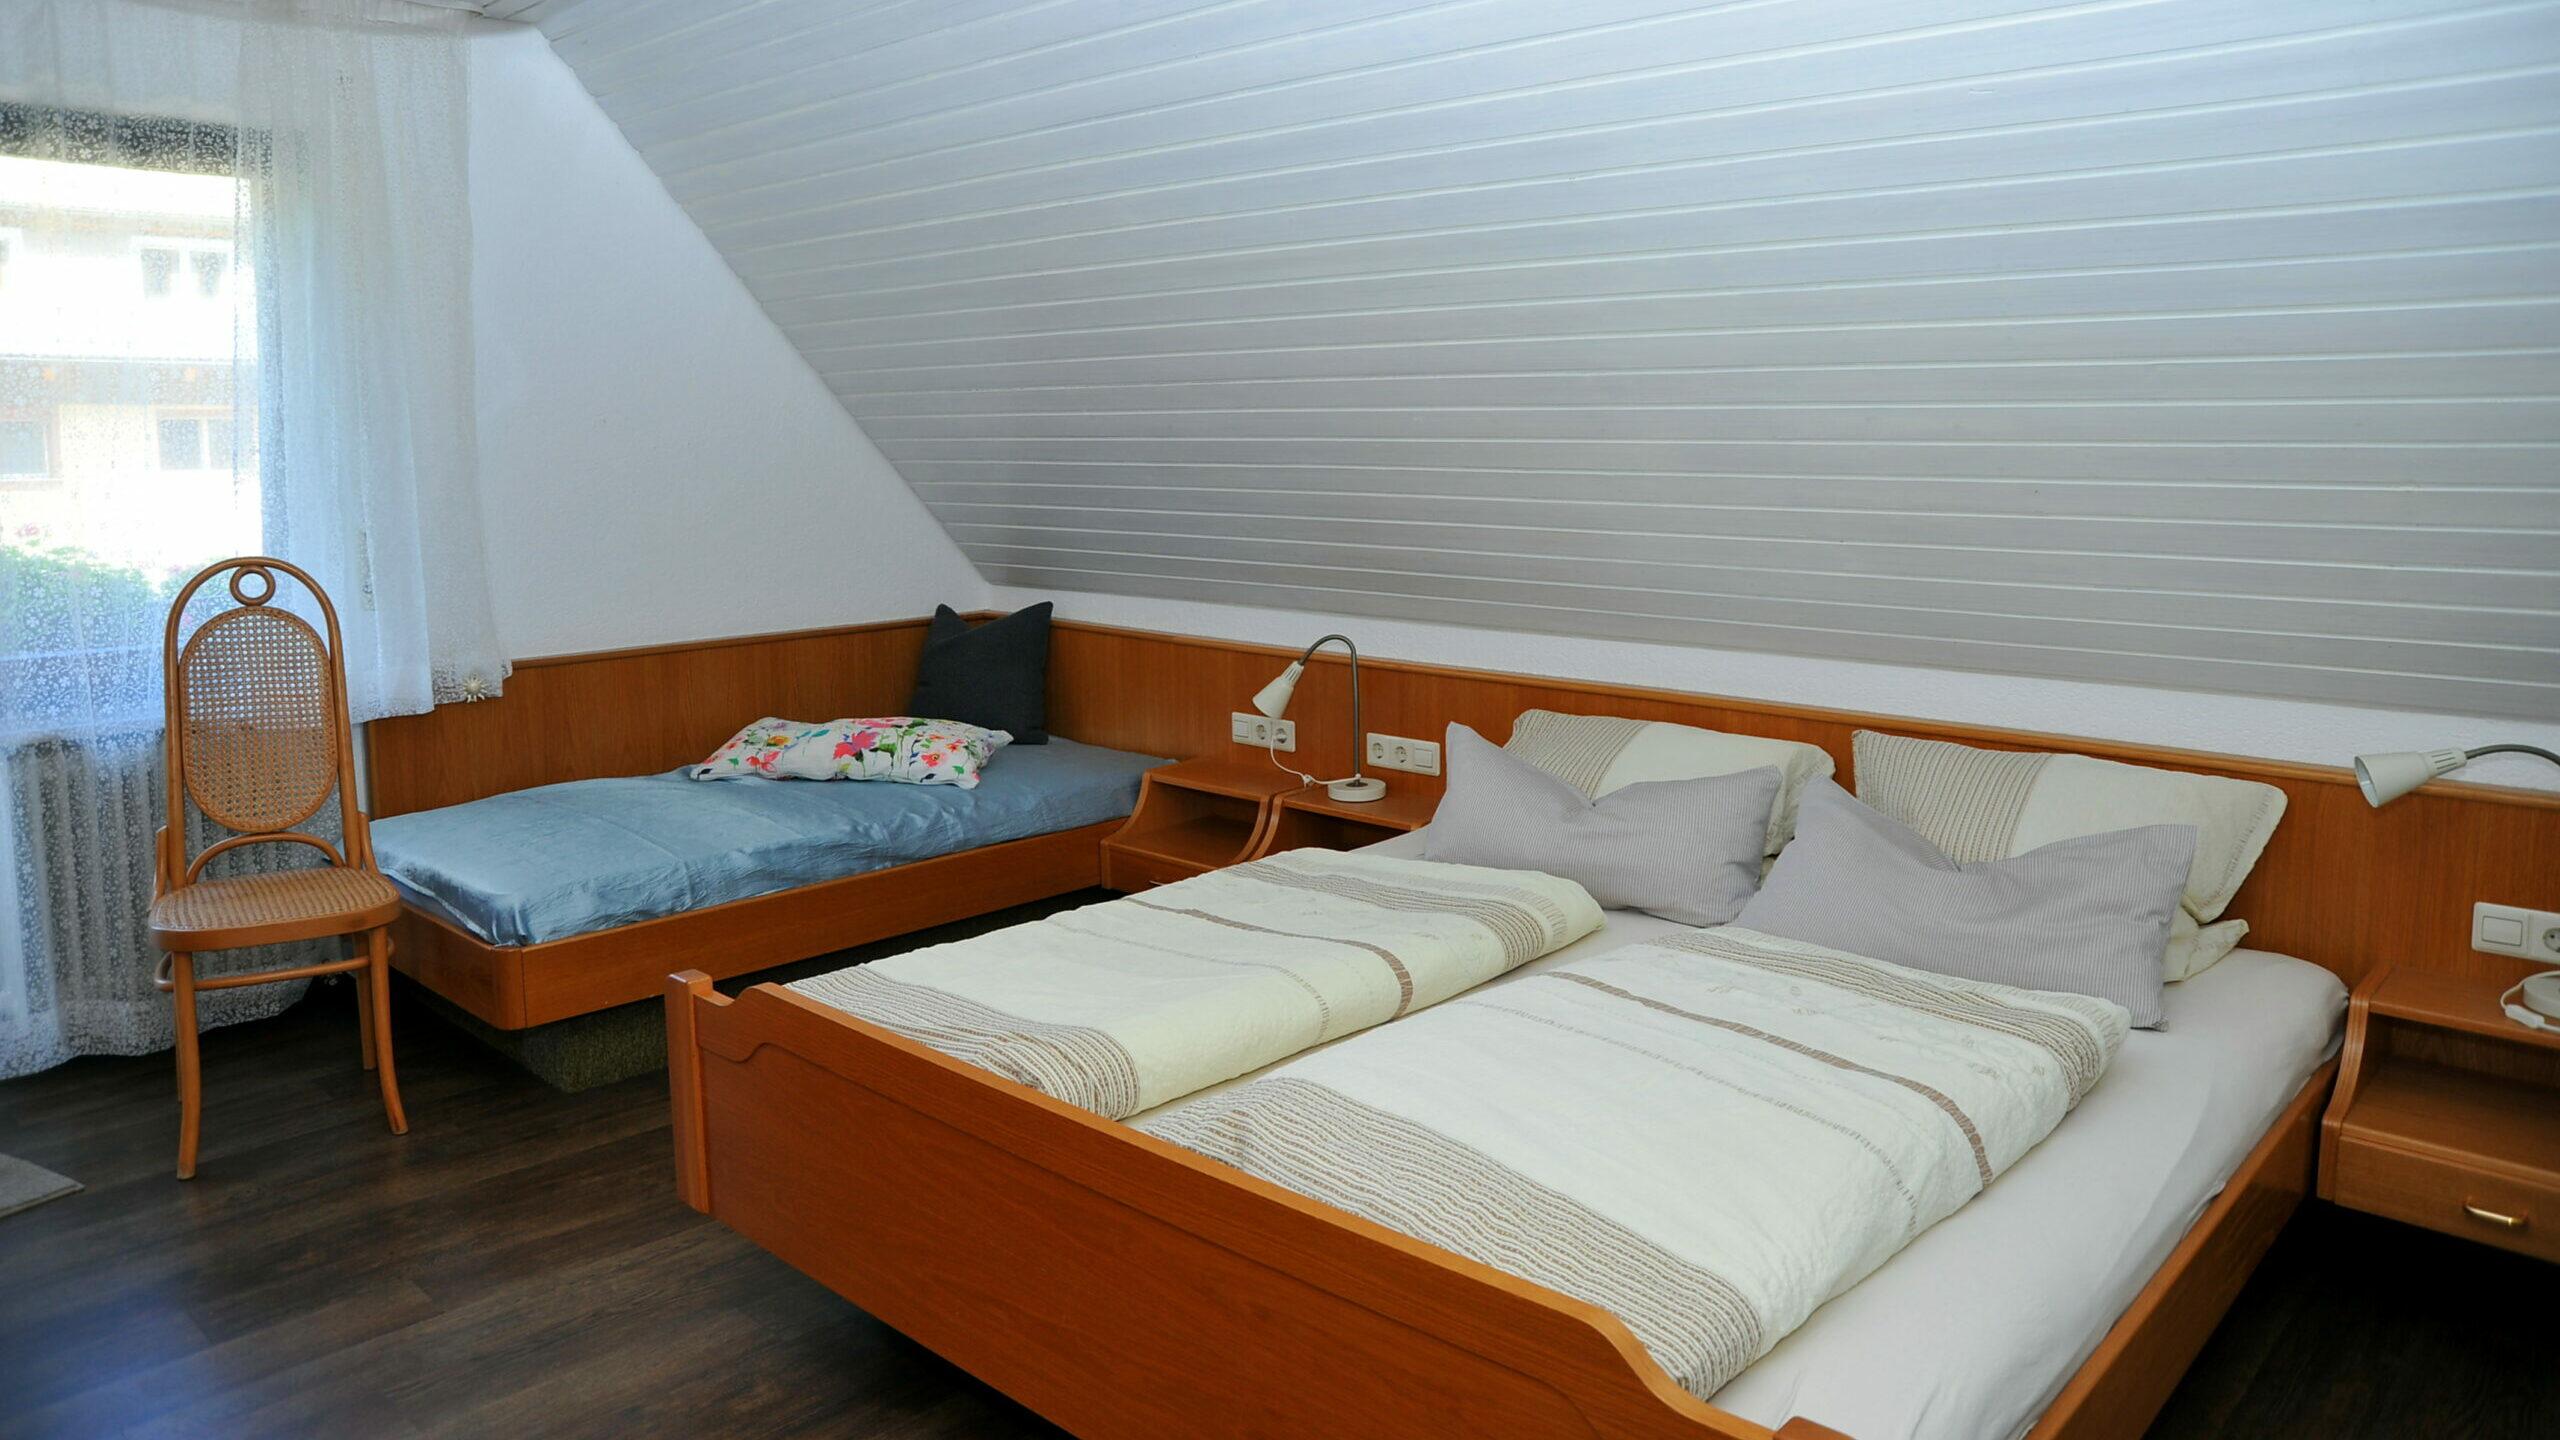 Schlafzimmer mit drei Schlafmöglichkeiten